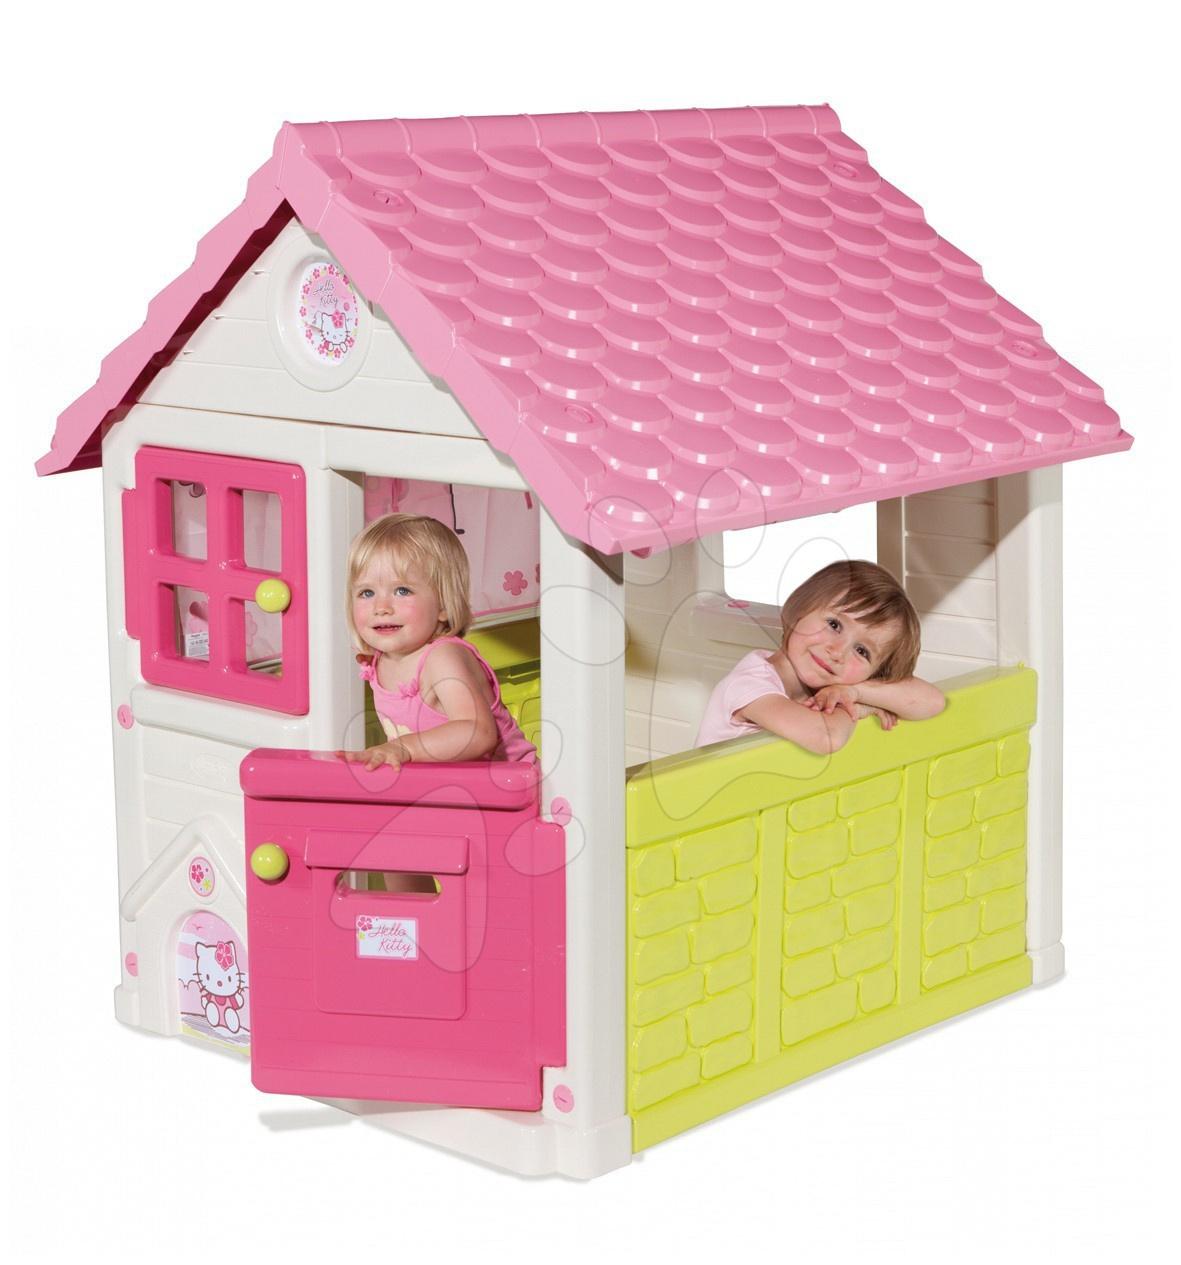 Hello Kitty Sweet domček Smoby s poštovou schránkou 125 cm vysoký s UV filtrom od 24 mes